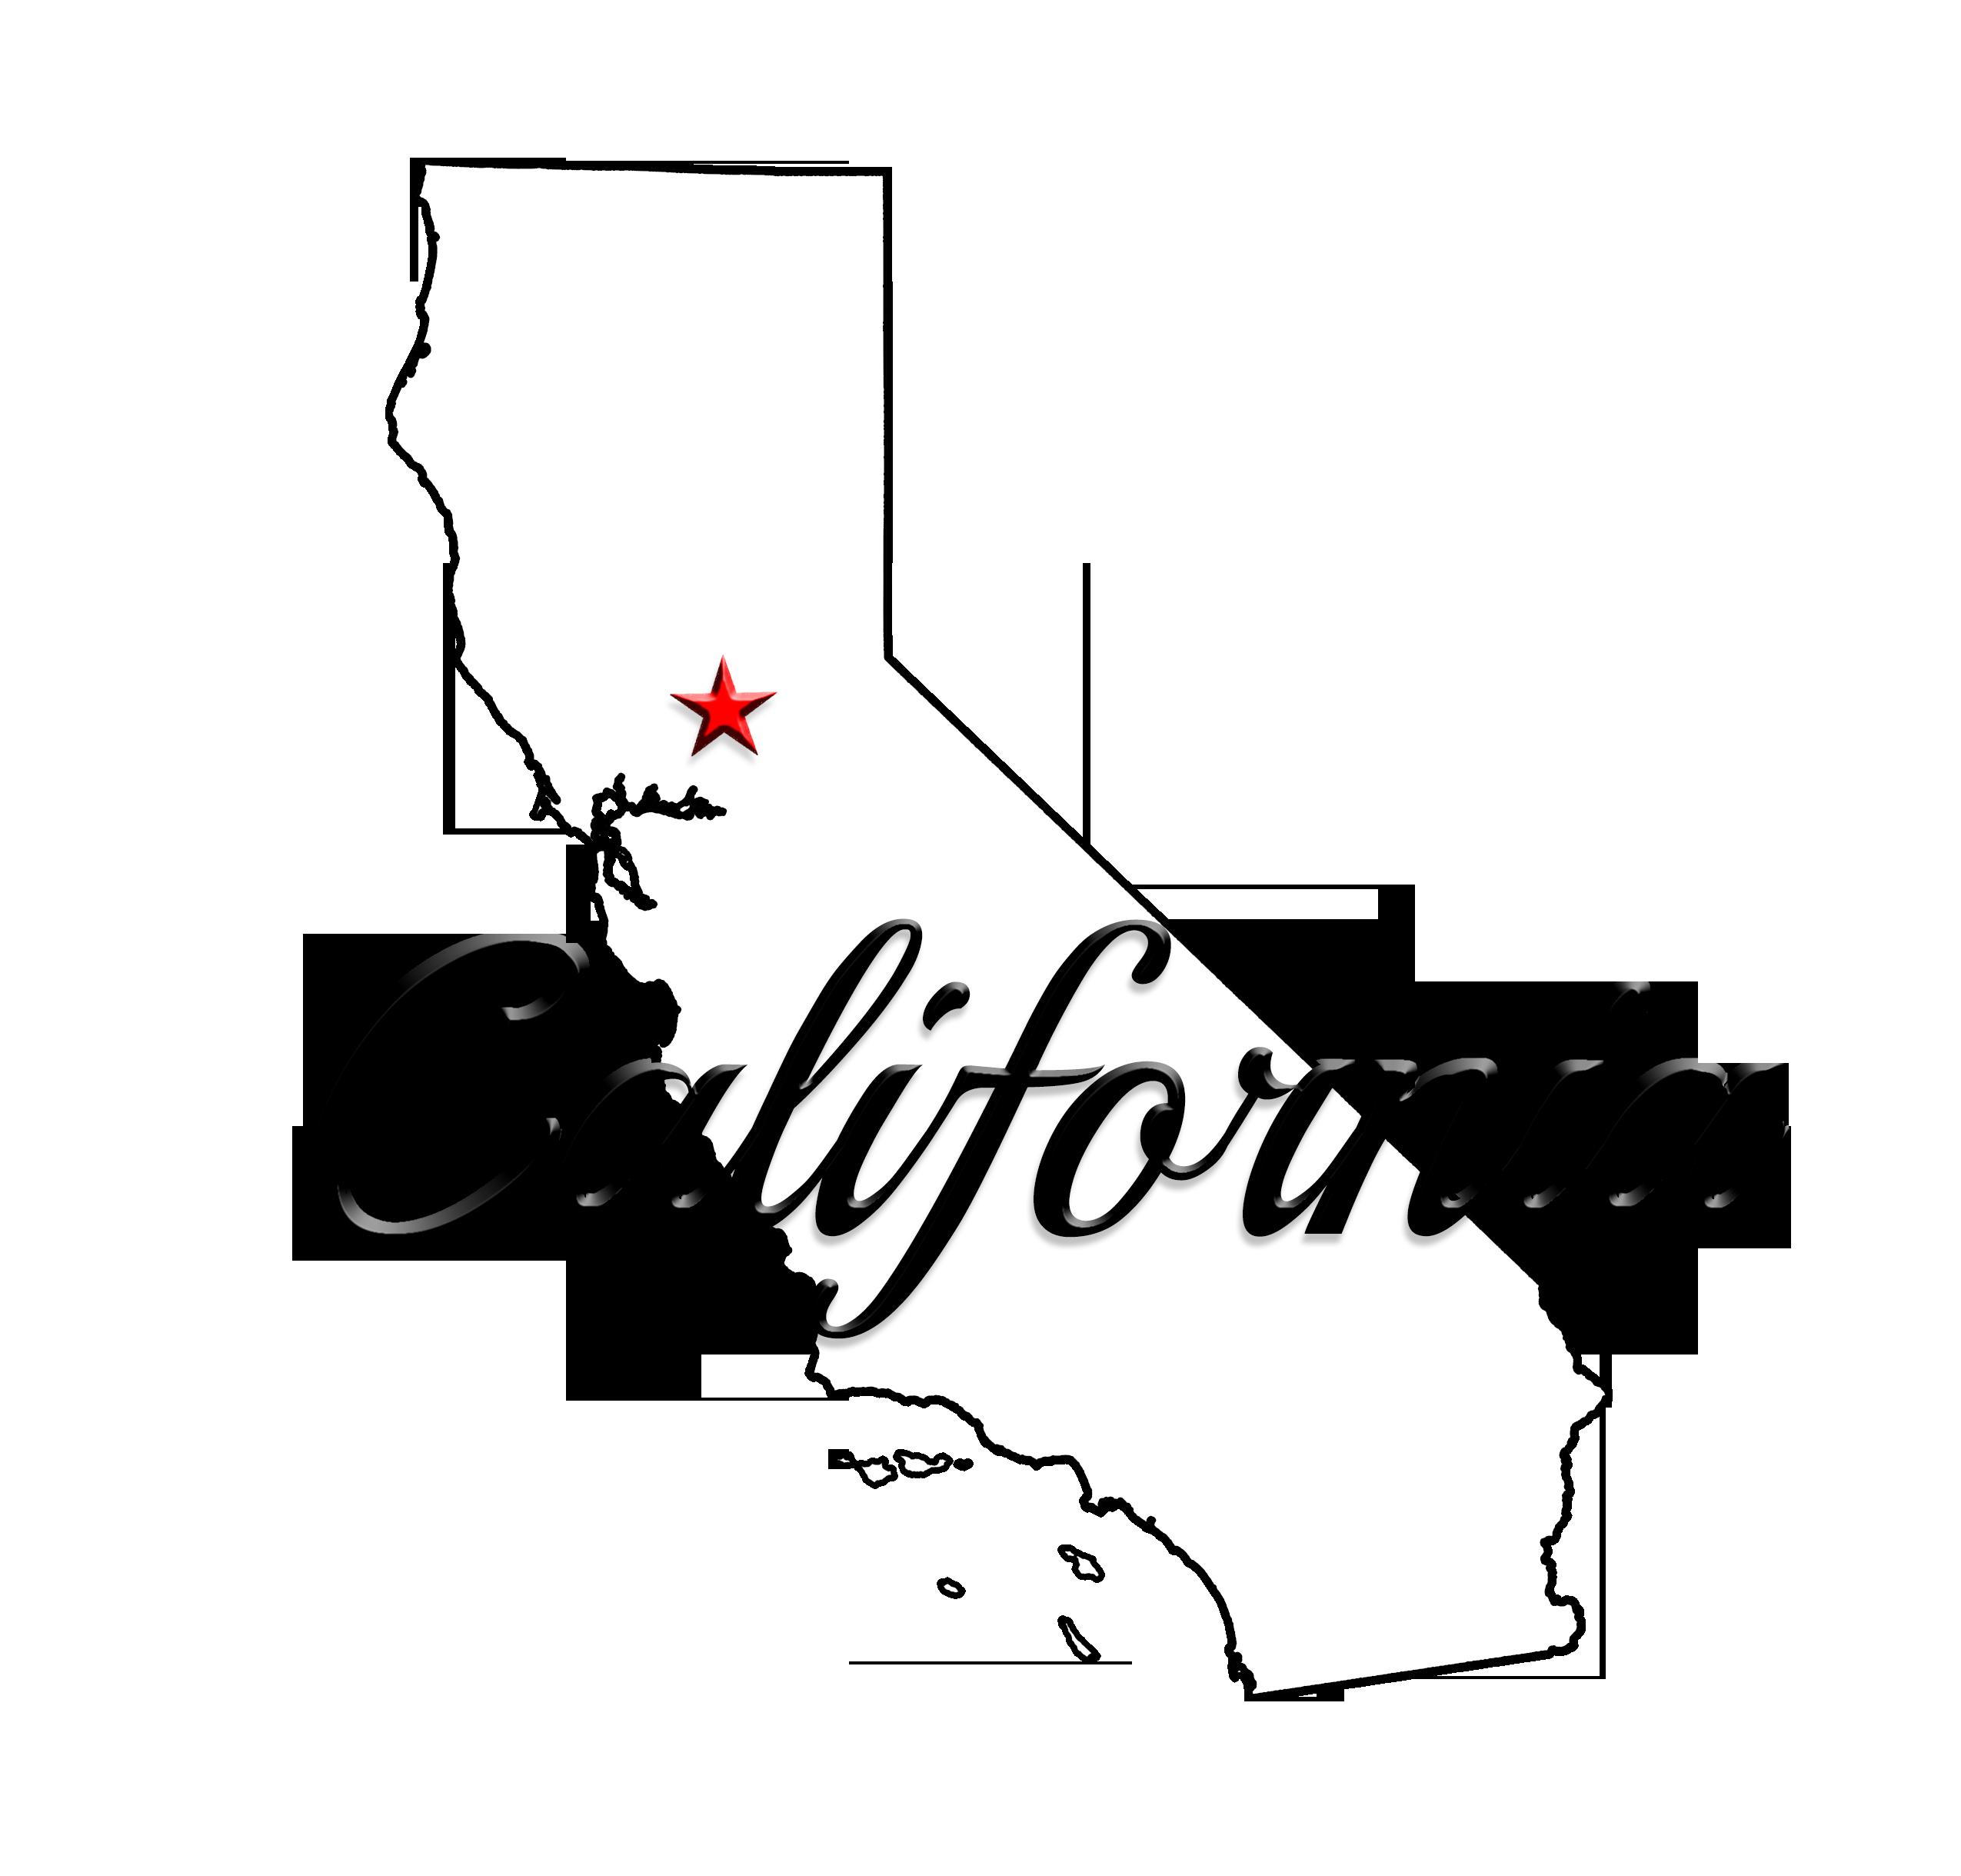 California HD HQ High Brand New Cali Logo Design Tattoo Clip.